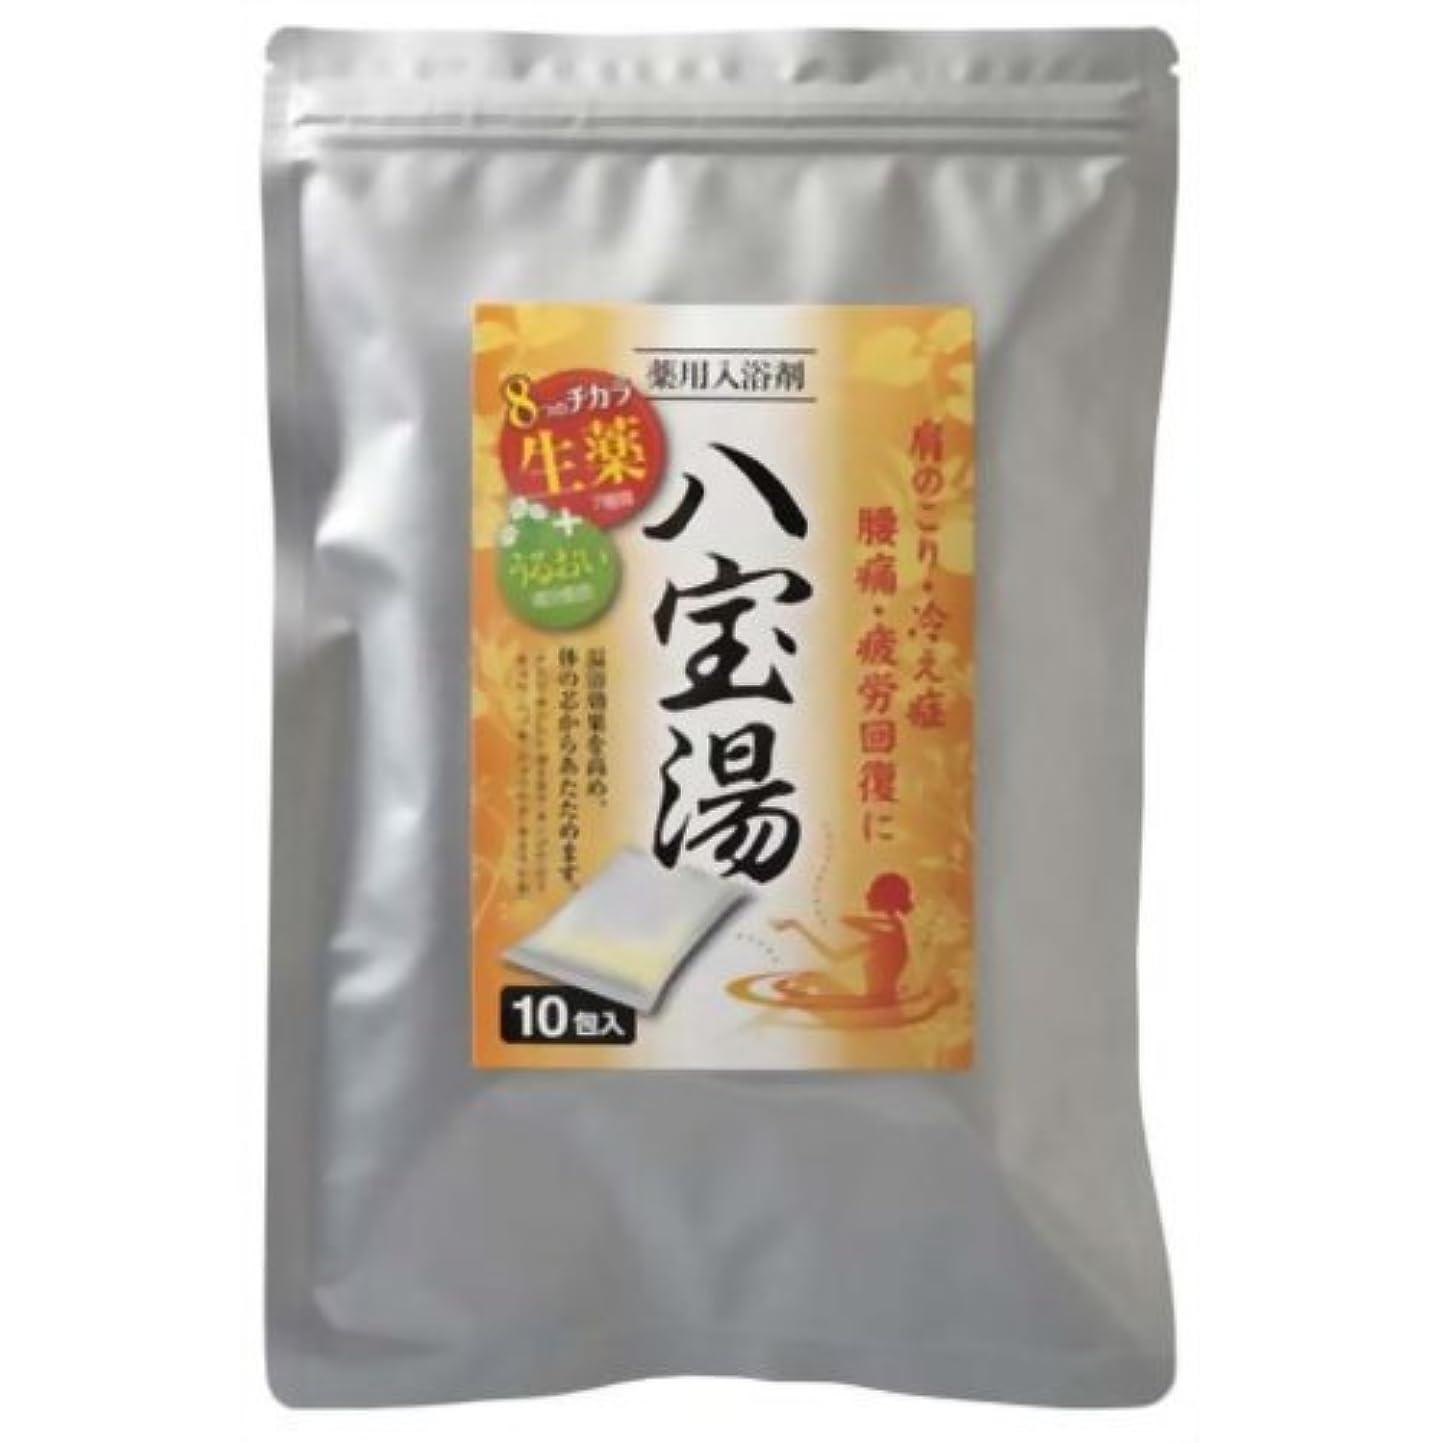 予感リテラシーピット薬用入浴剤 八宝湯 カモミールの香り 10包 [医薬部外品]